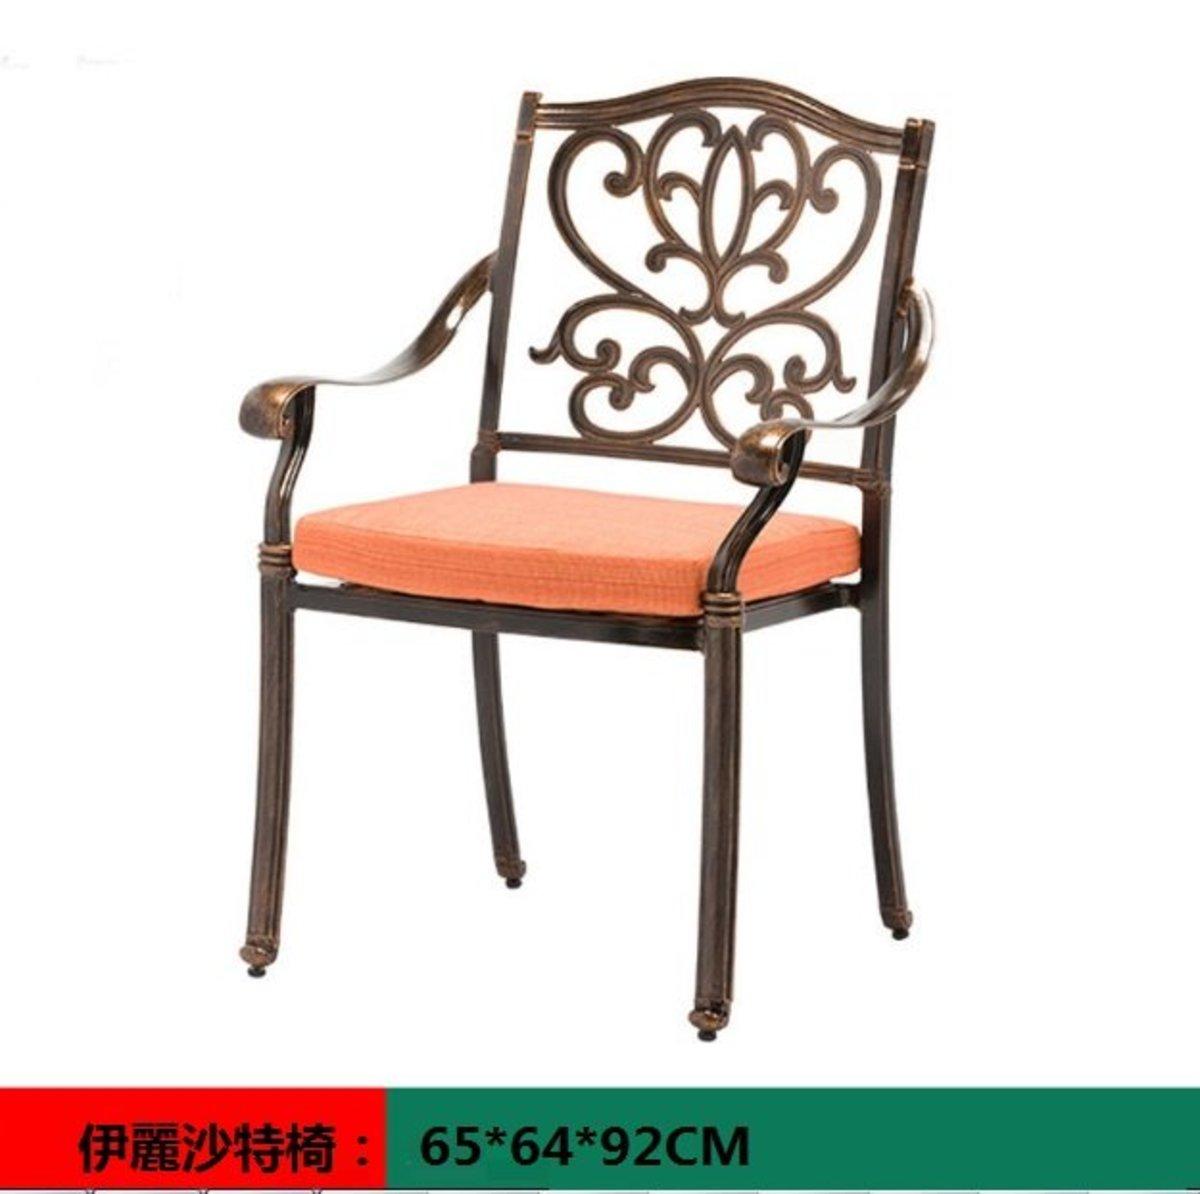 室外咖啡廳歐式餐桌椅(伊麗沙特椅:65*64*92CM)